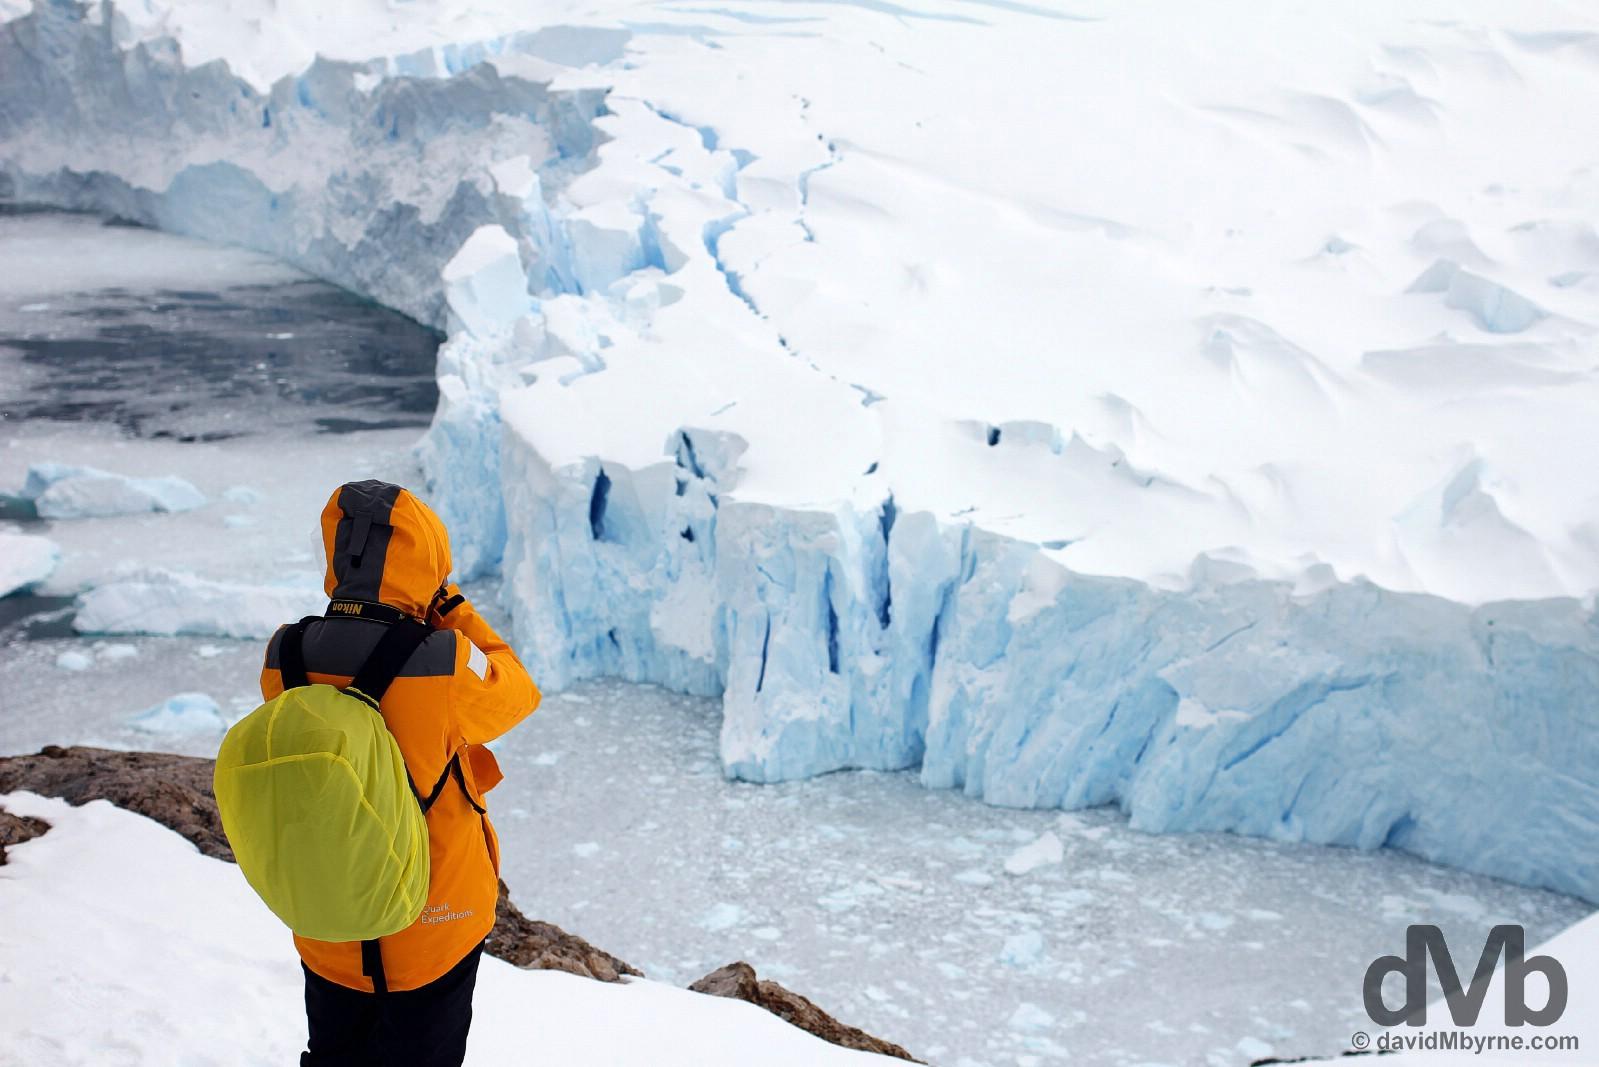 Overlooking the massive glaciers in Neko Harbour, Antarctic Peninsula. November 30, 2015.